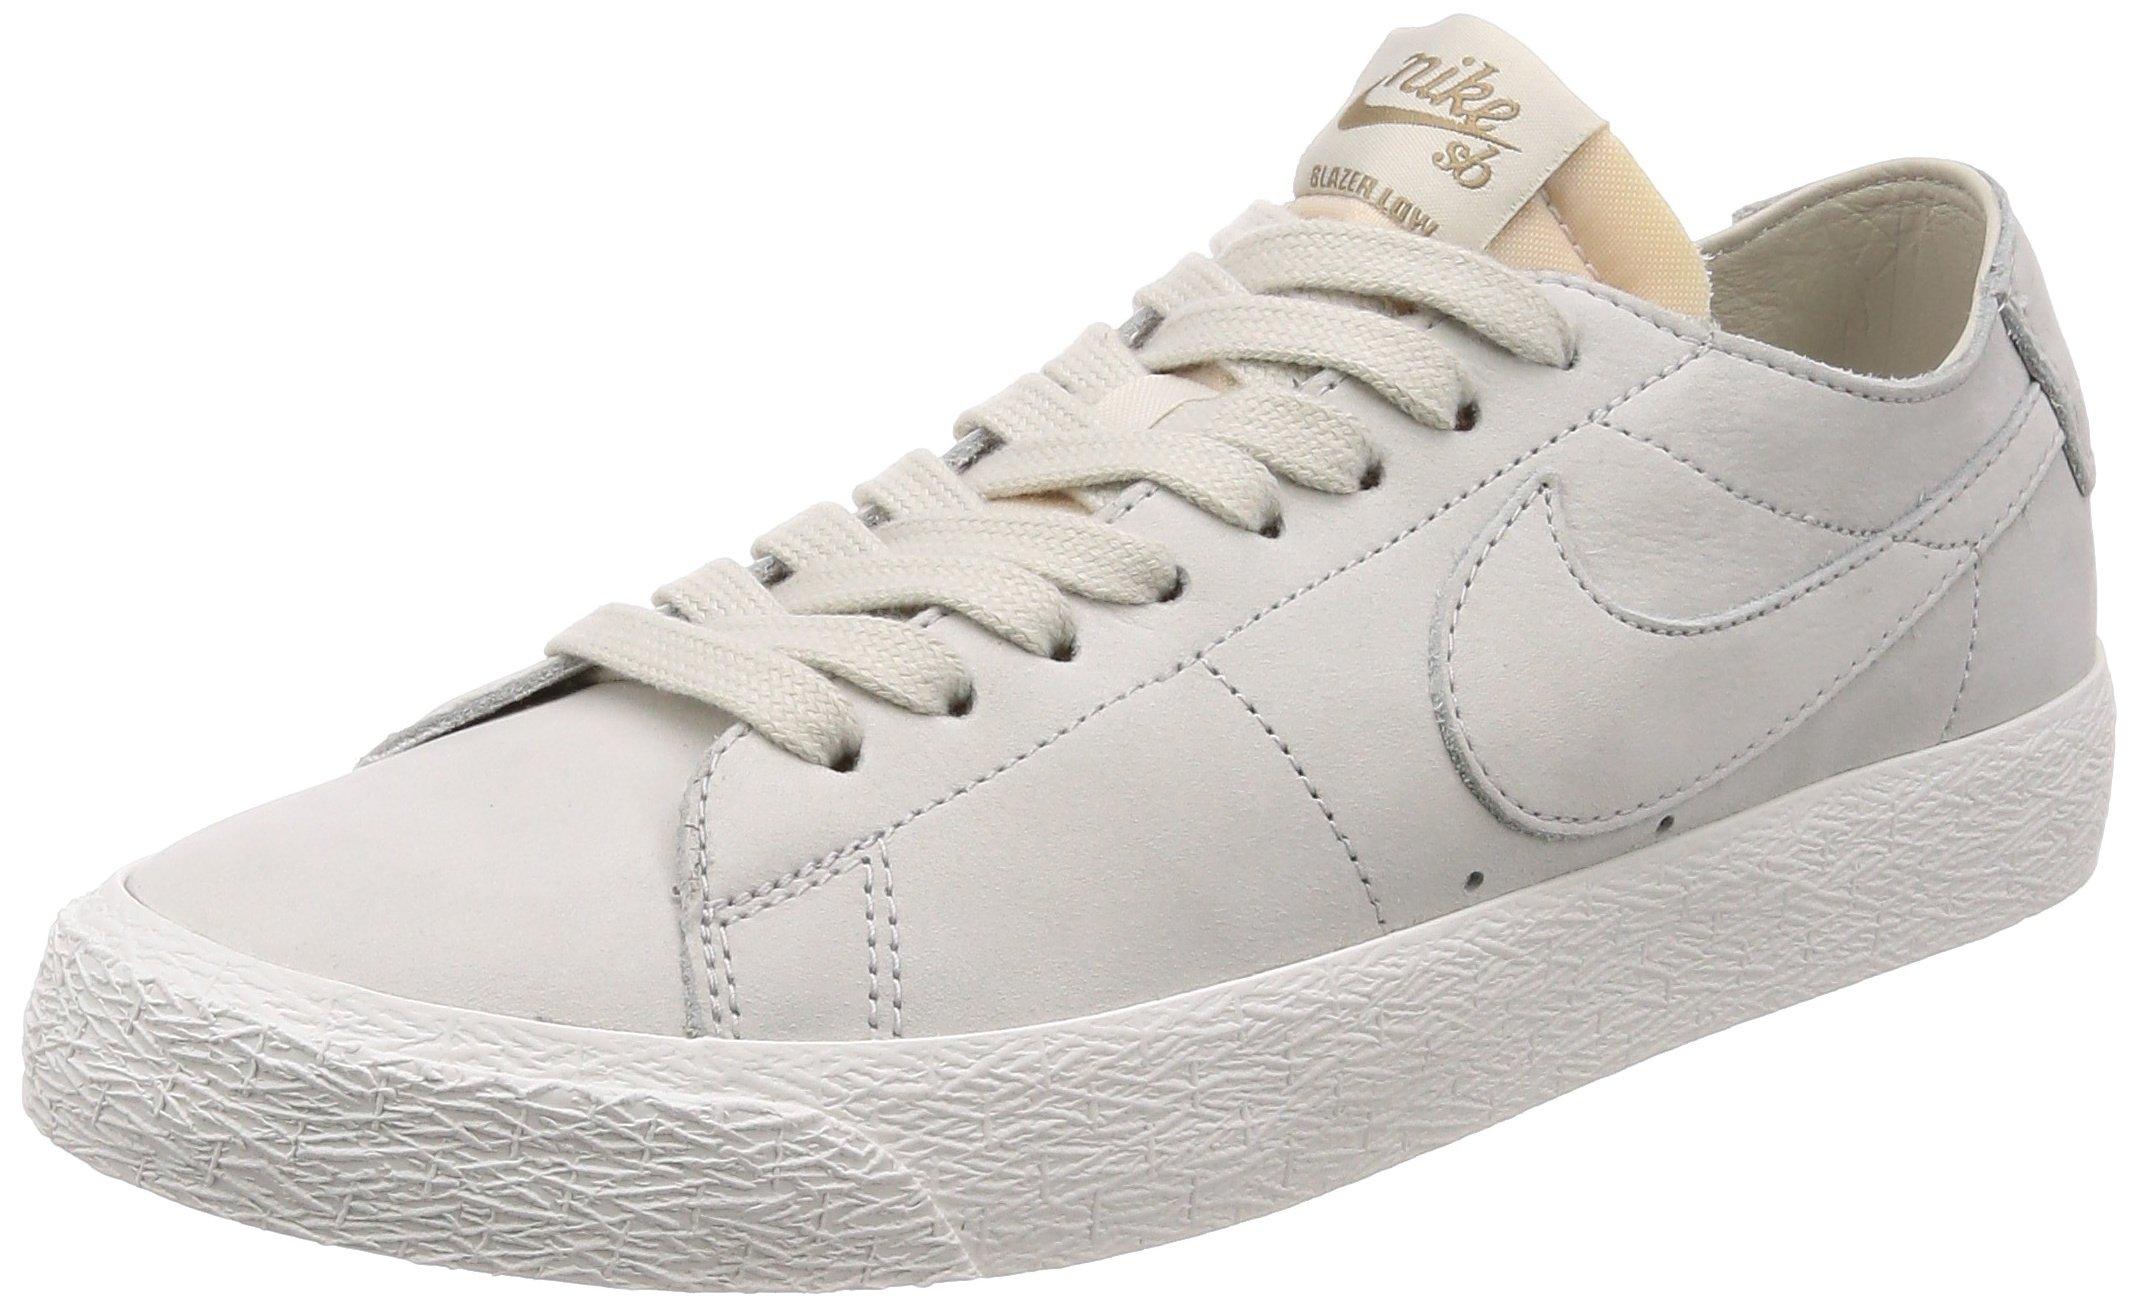 newest 528b3 a7912 Galleon - Nike SB Zoom Blazer Low Decon